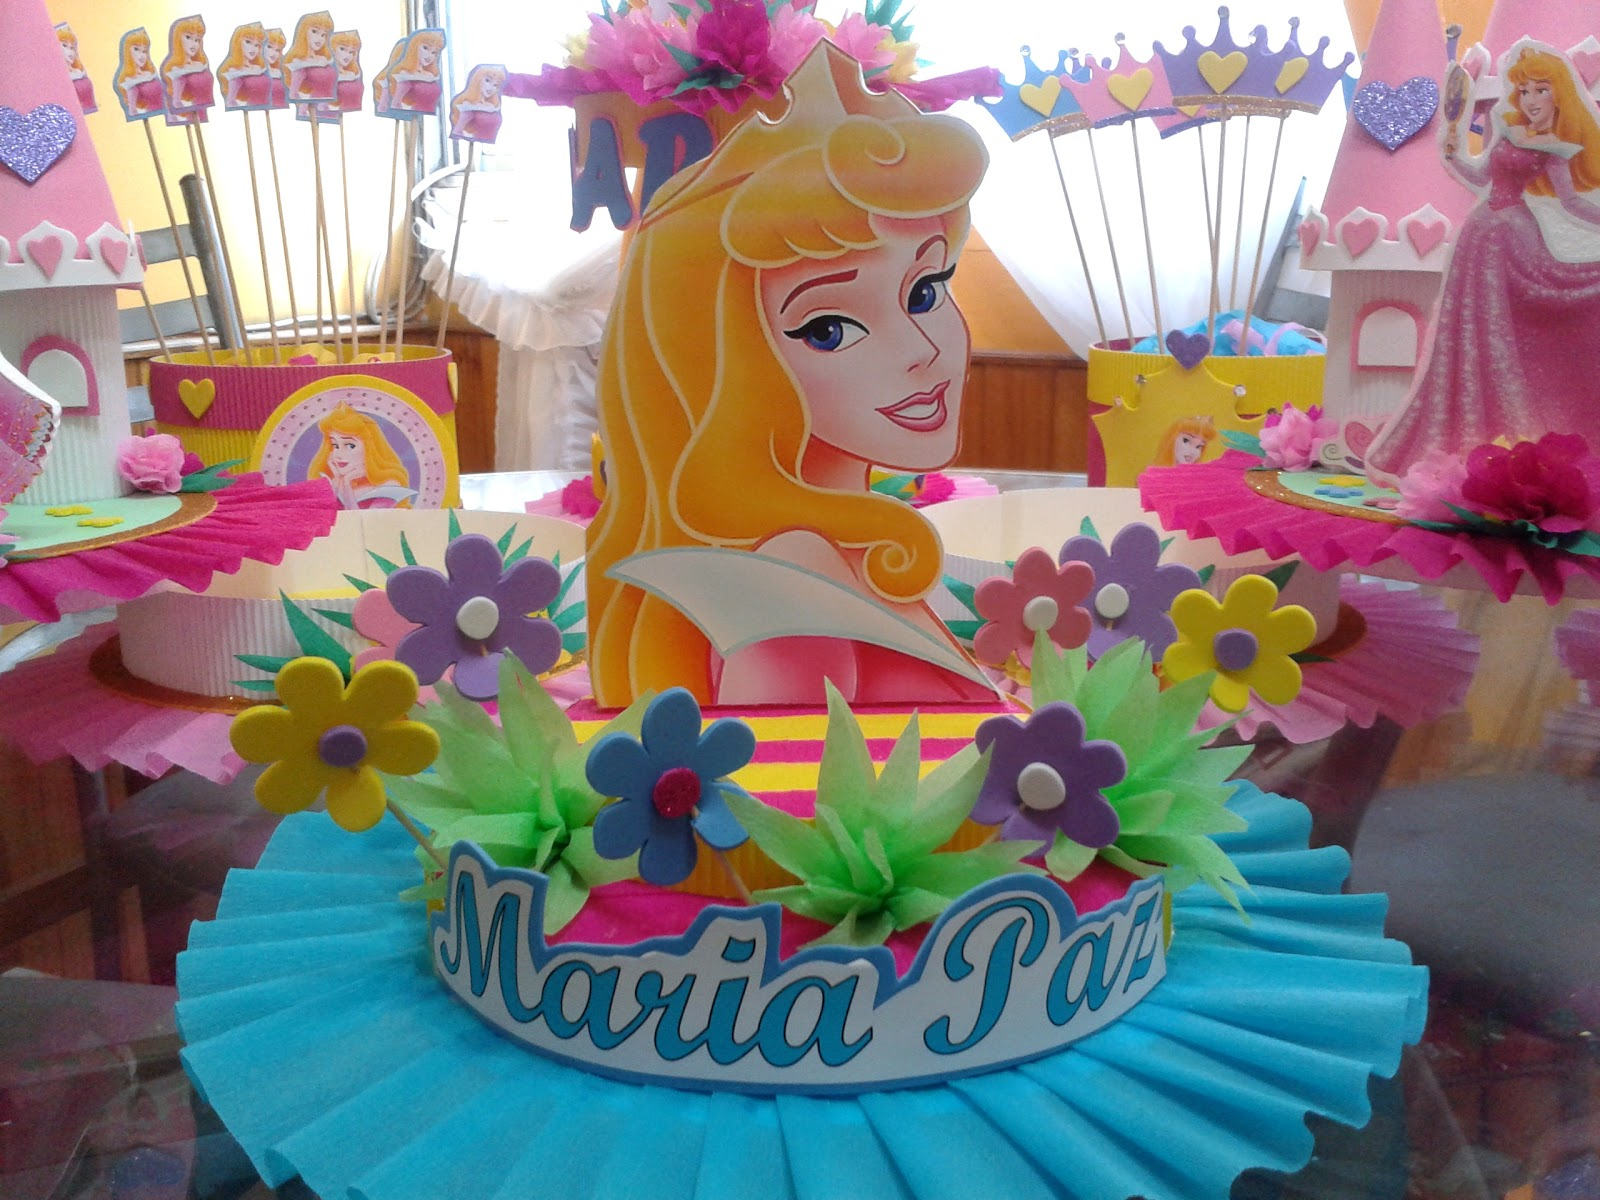 Decoraciones infantiles princesa aurora bella durmiente - Decoracion de mesa de cumpleanos infantil ...